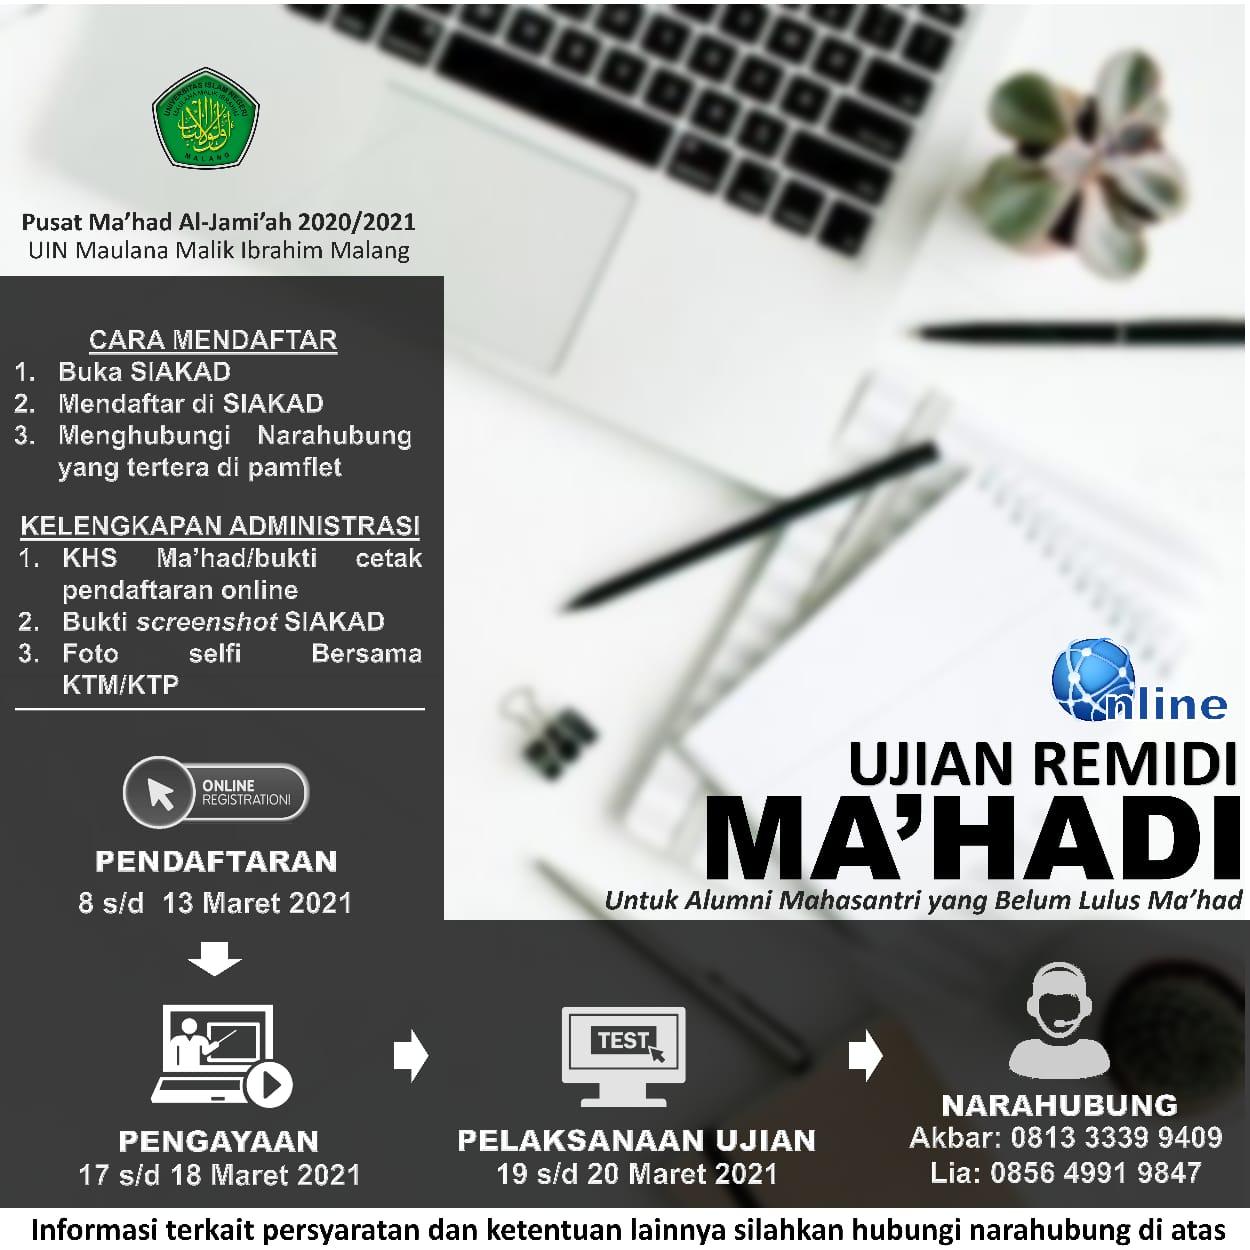 Ujian Remidi Ma'hadi